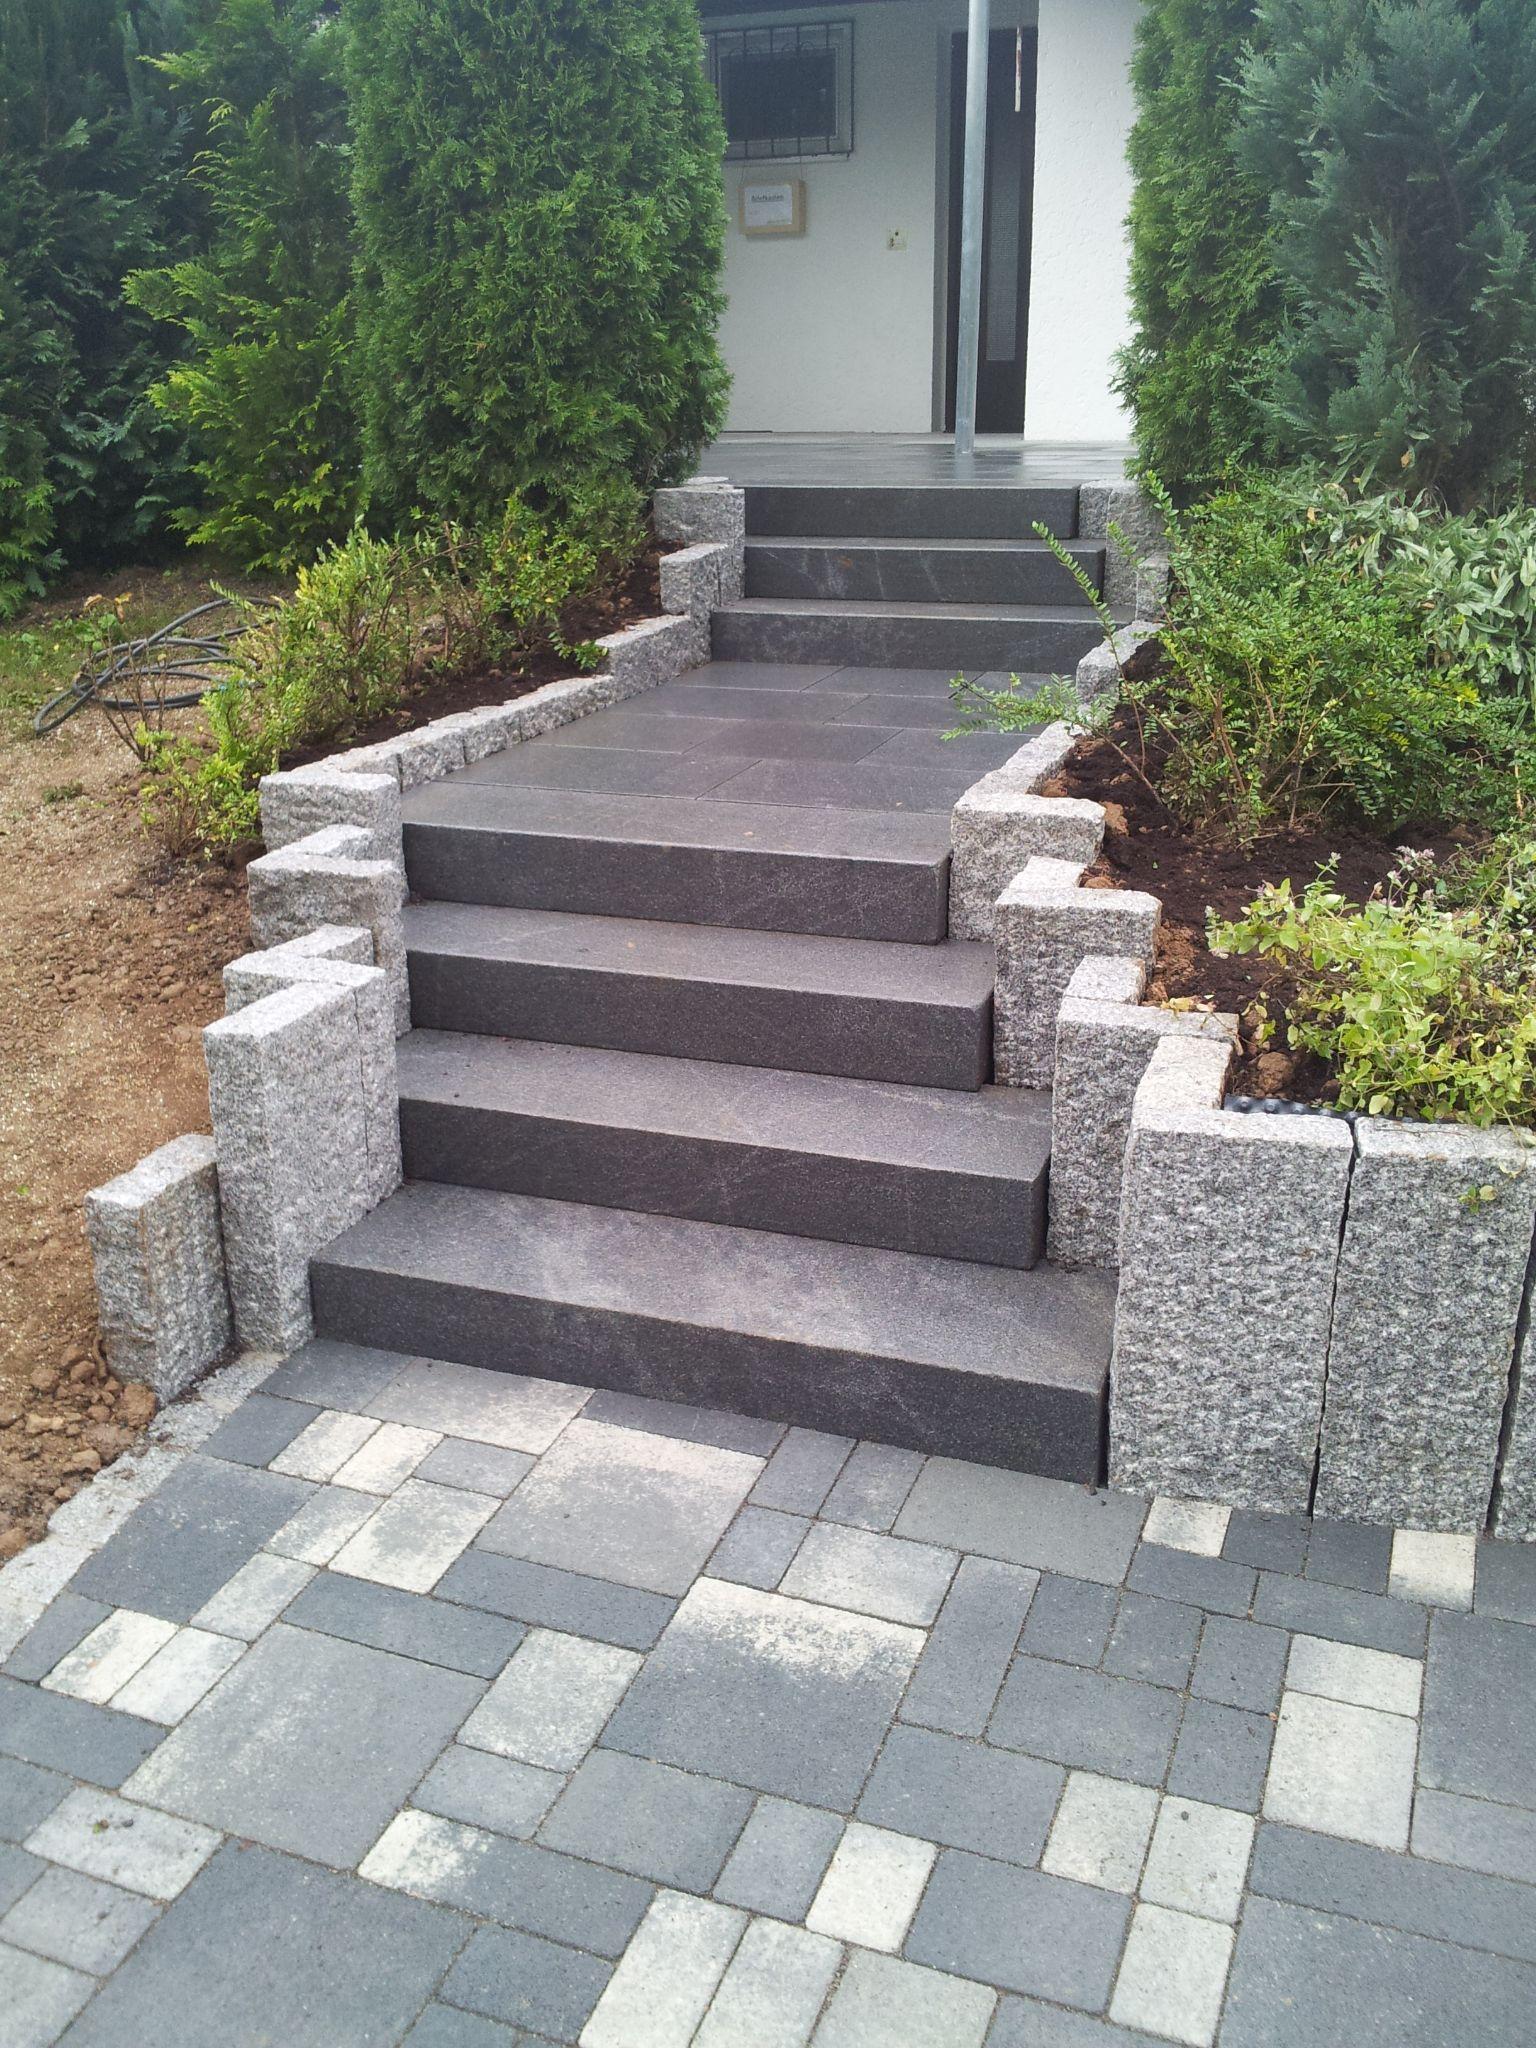 Mauern treppen garten marohn binder gartengestaltung for Gartengestaltung stuttgart